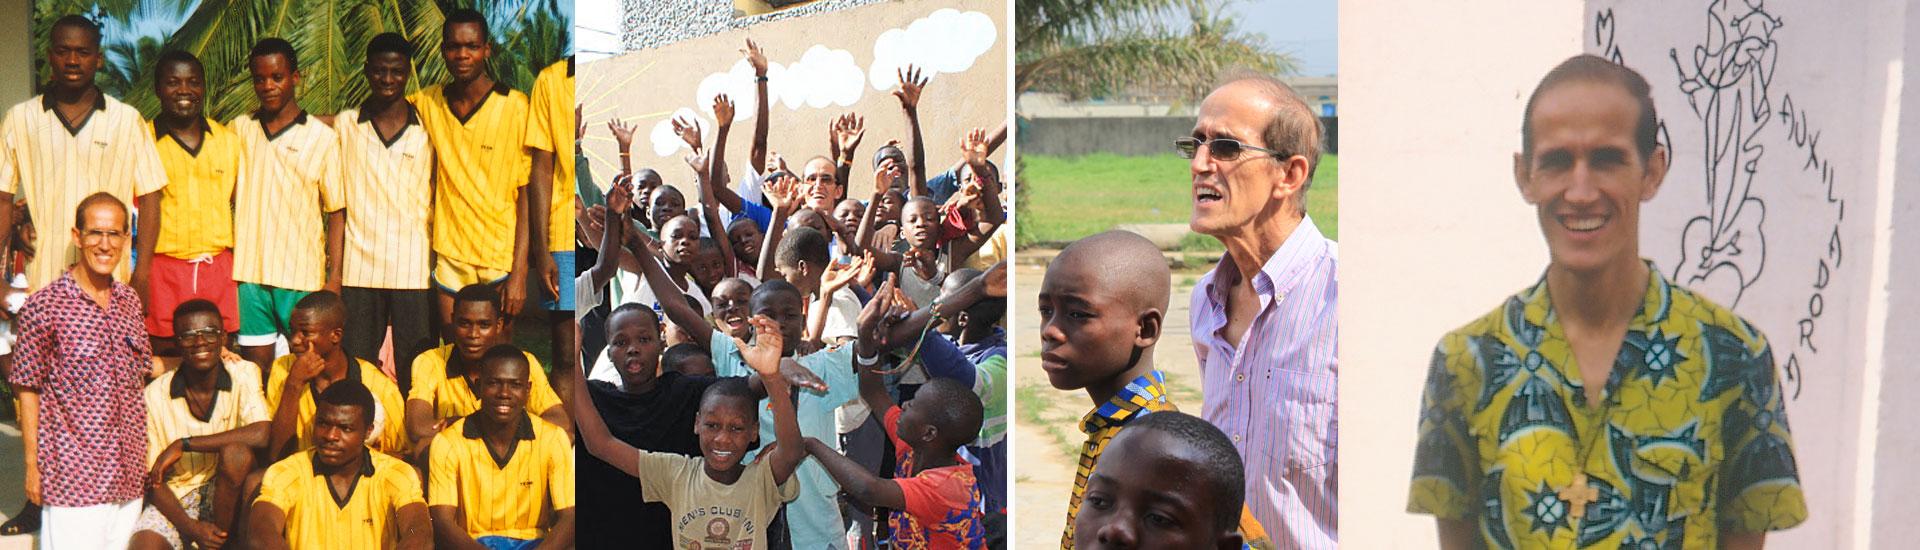 Asesinato del misionero Antonio César Fernández en Burkina Faso